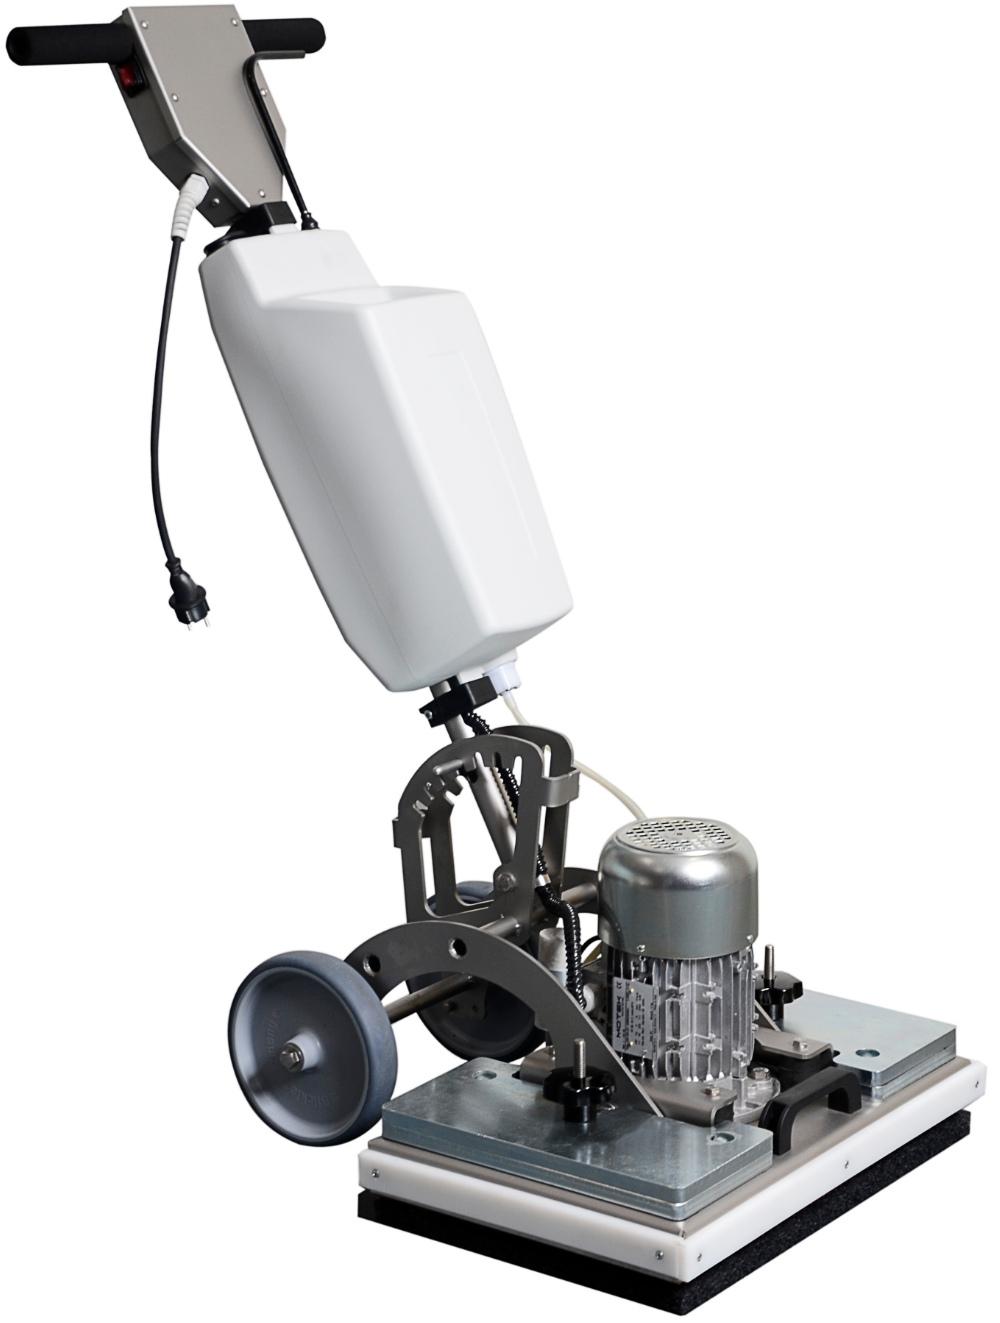 Альтернатива роторной машине — «Exctnter» от I-Team чистит за счёт вертикальных вибраций.